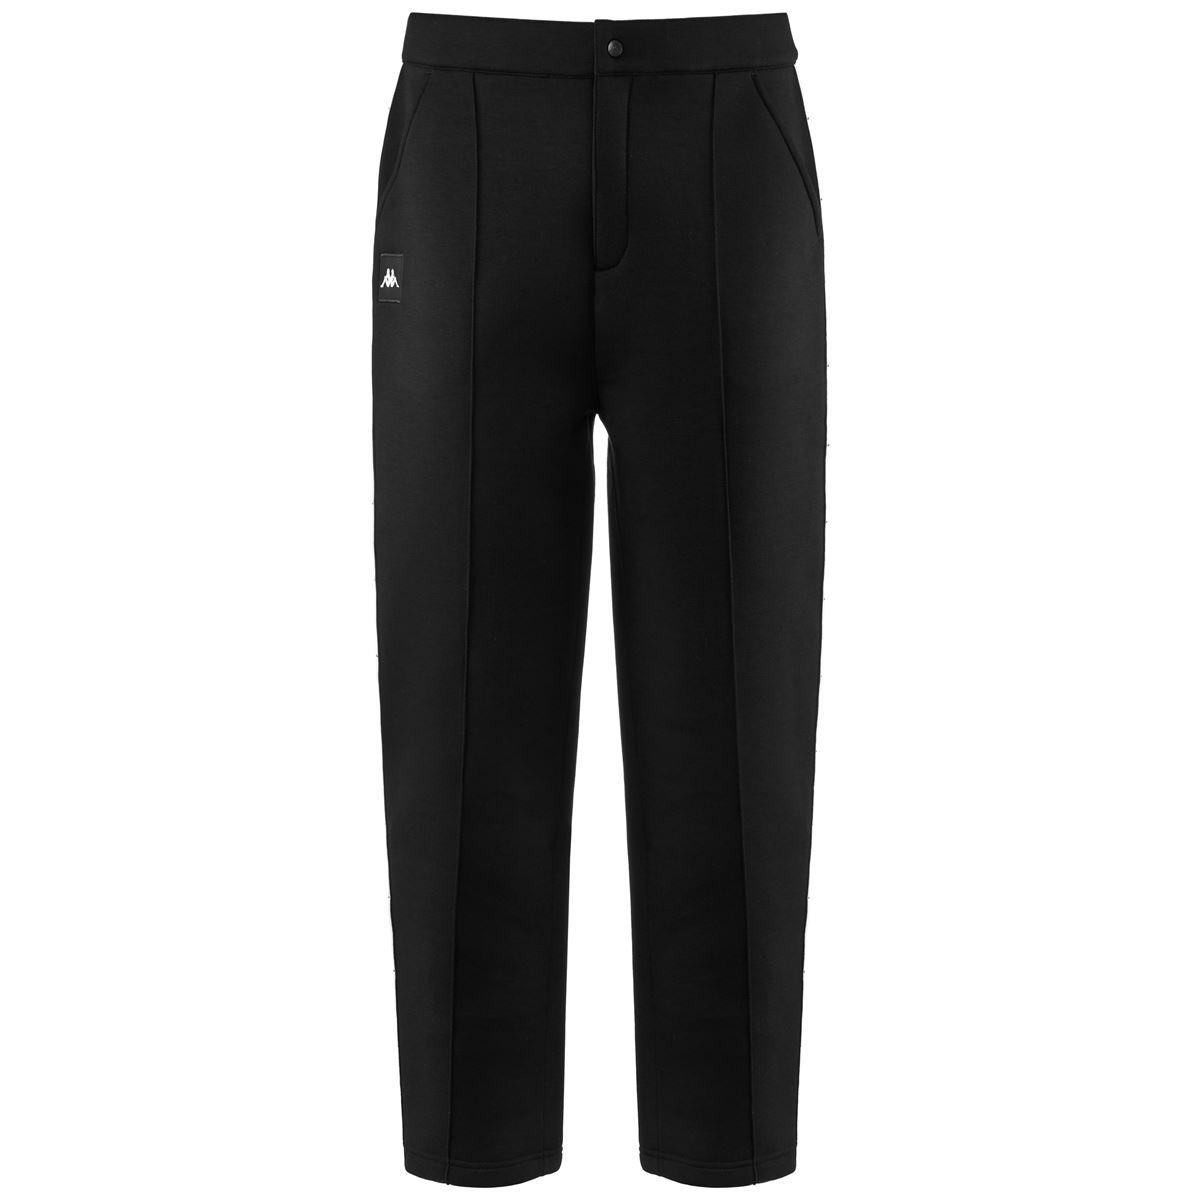 Kappa Pantaloni uomo-304NST0